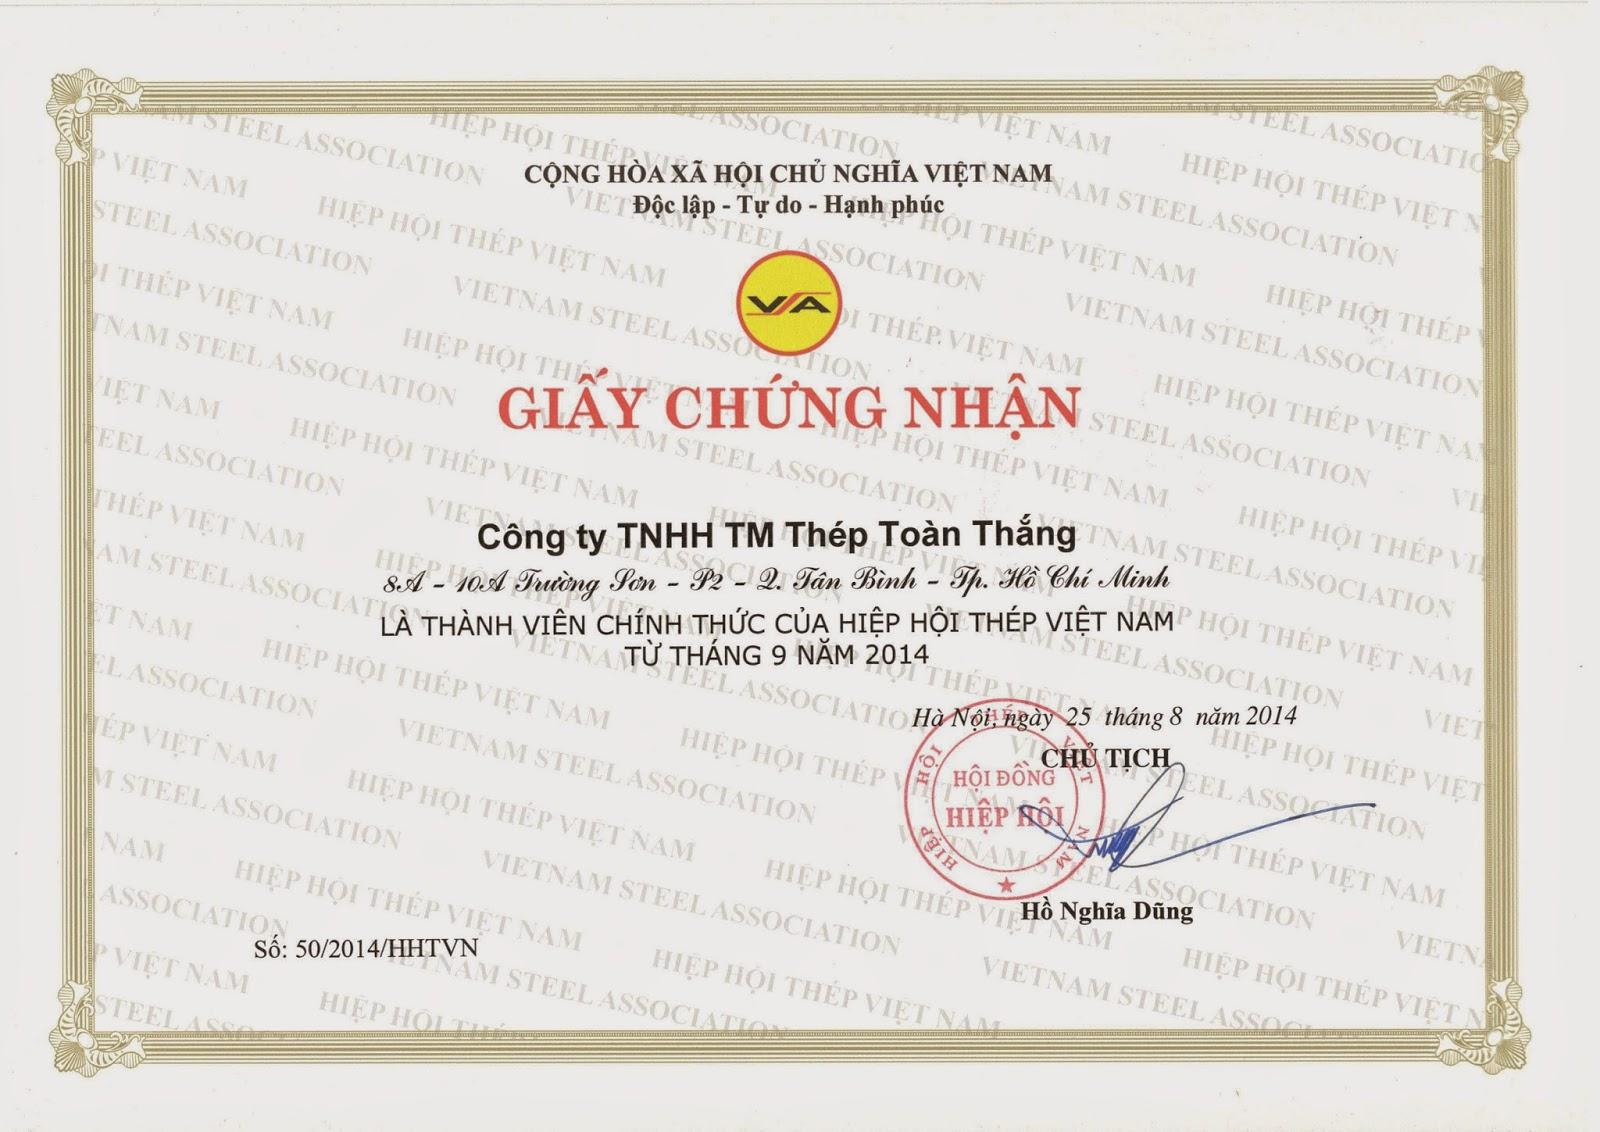 Chúc mừng Thép Toàn Thắng gia nhập Hiệp Hội Thép Việt Nam VSA